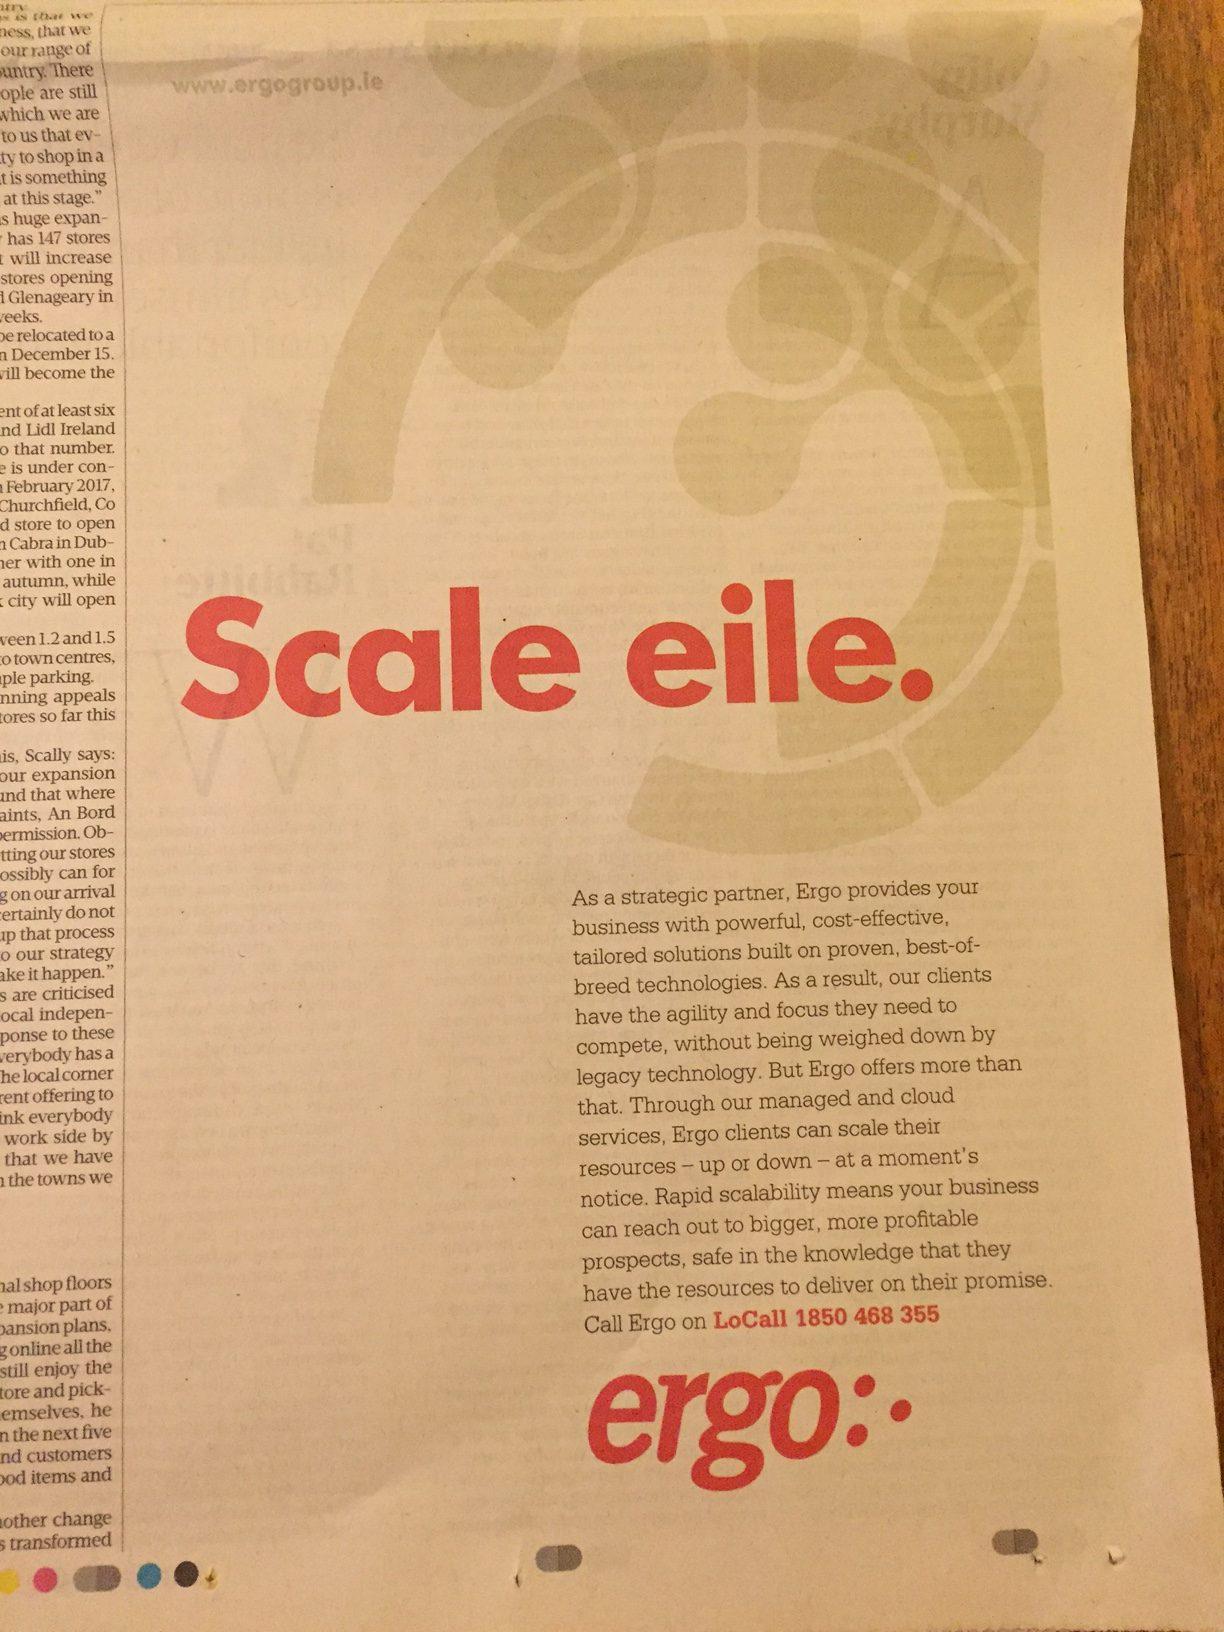 Ergo – Scale eile.